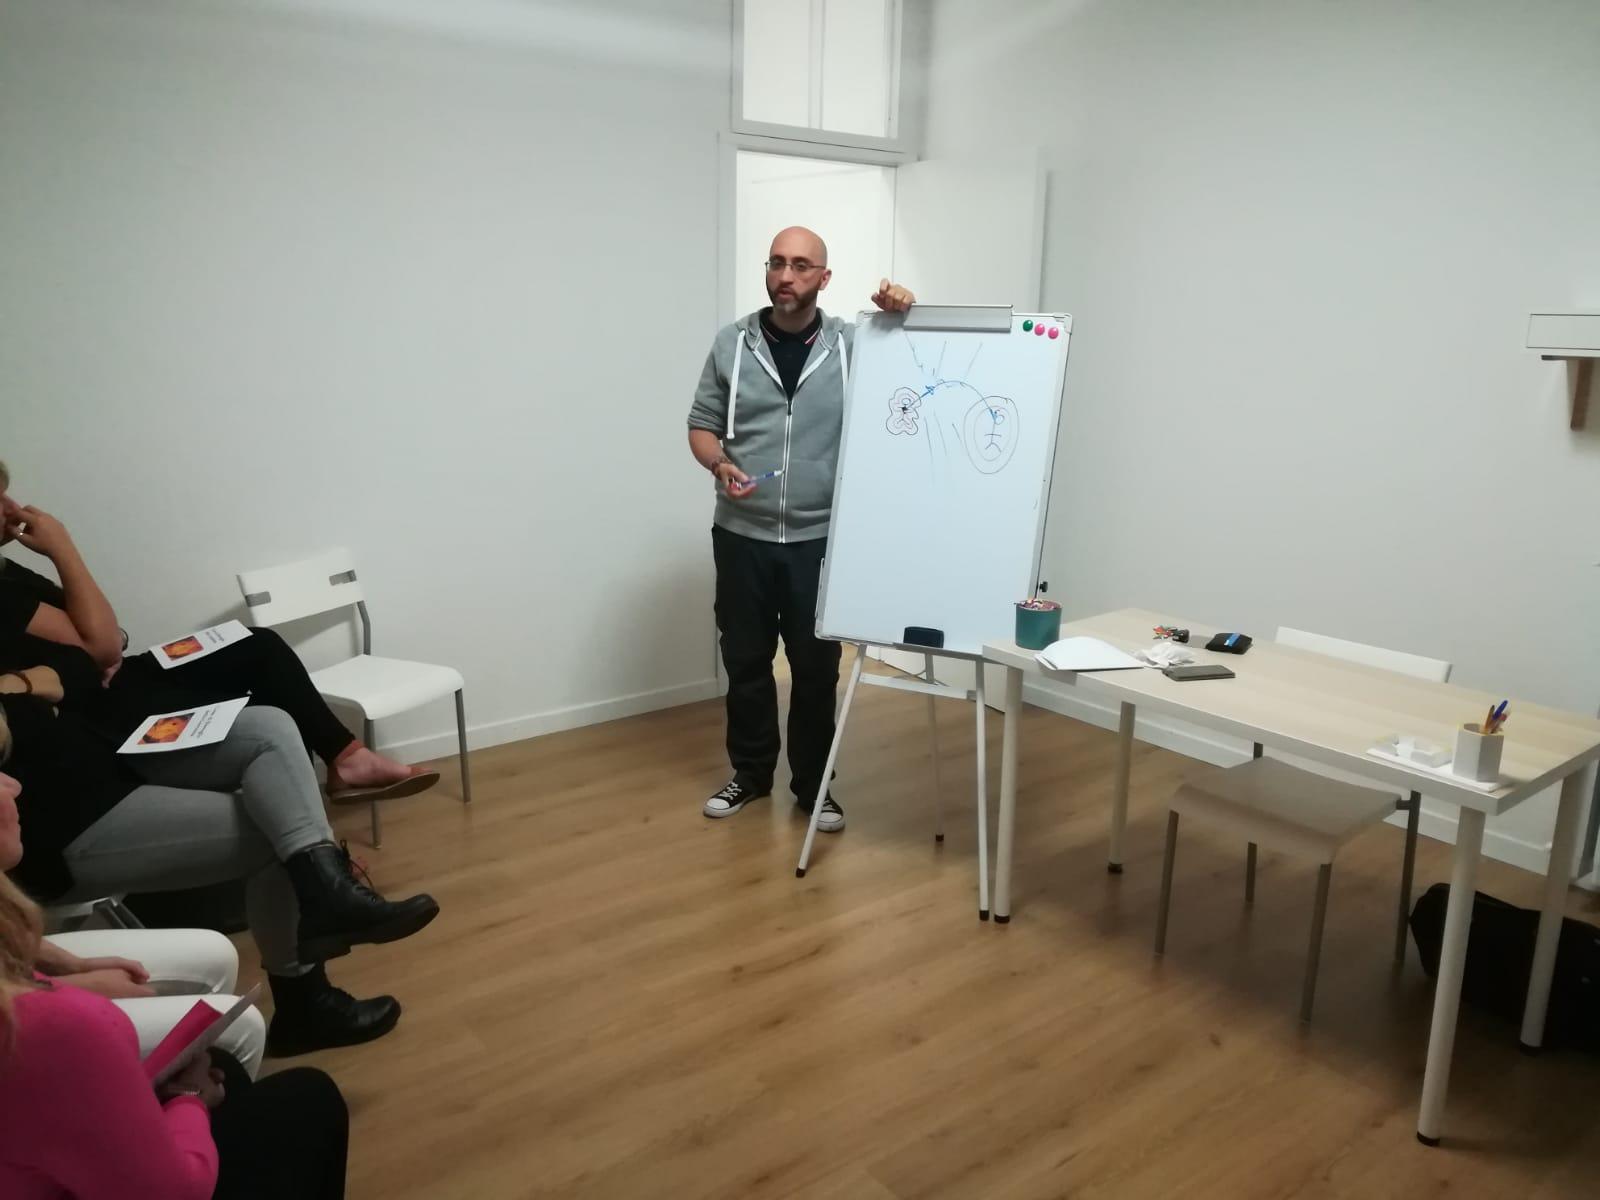 Presentazione 'Corso di risveglio'